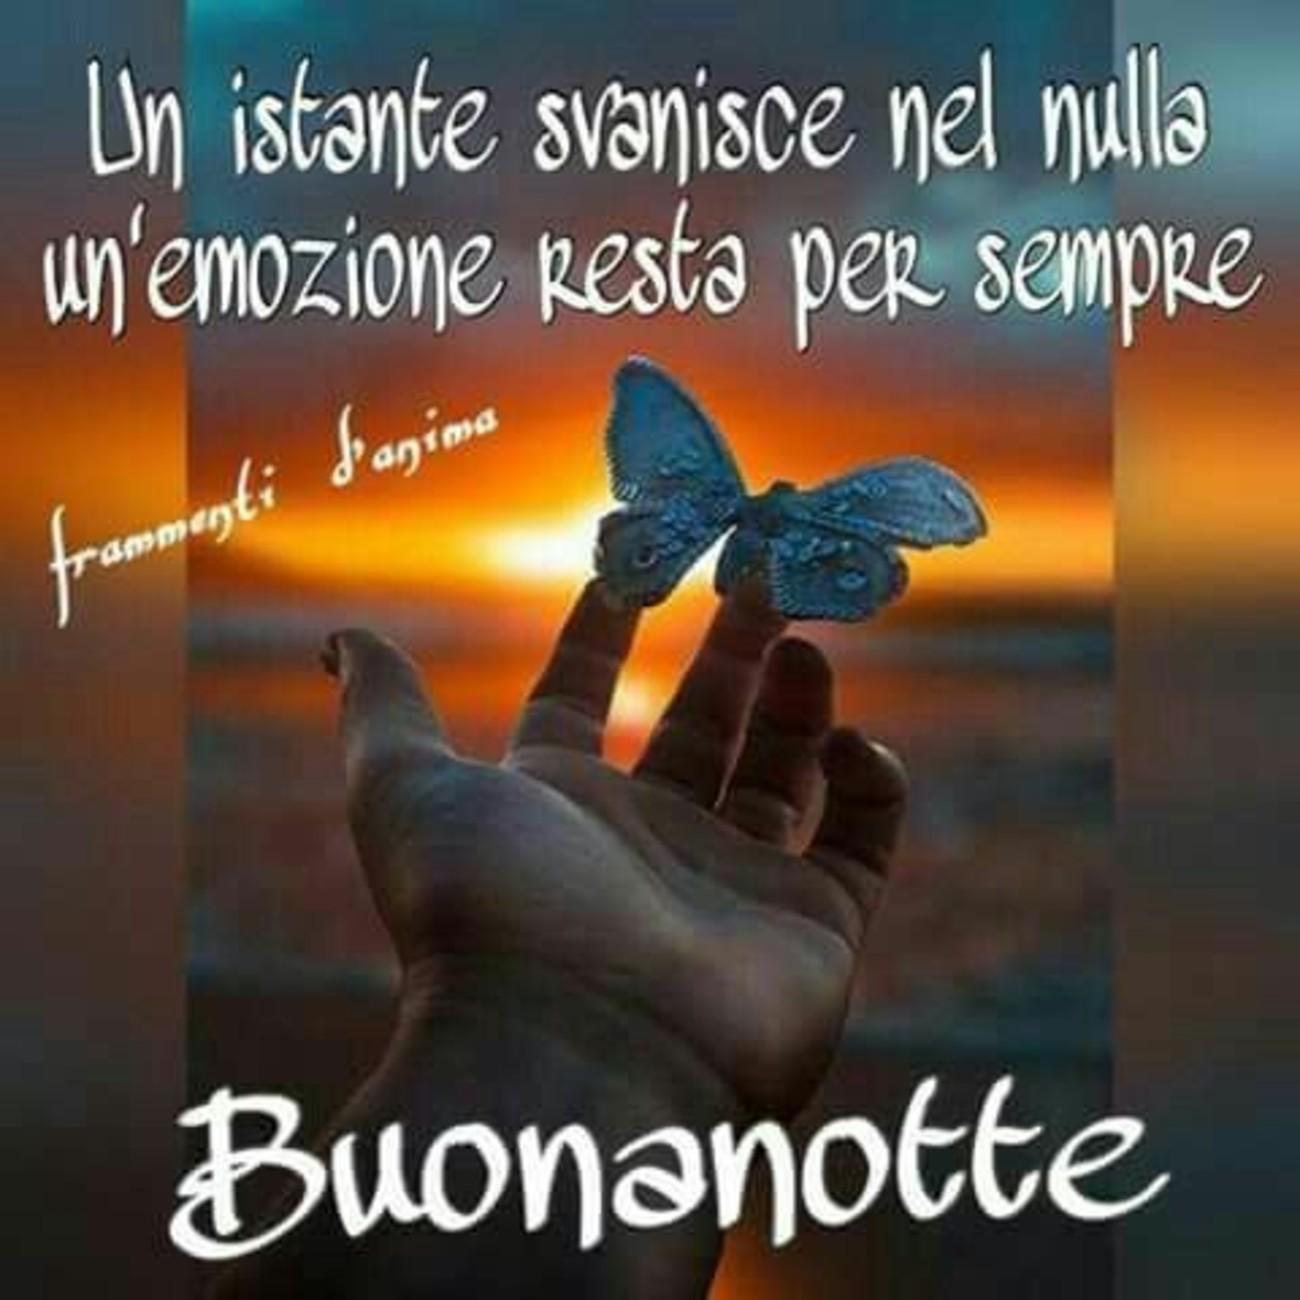 Buonanotte Con Farfalle 1 Buongiornoate It